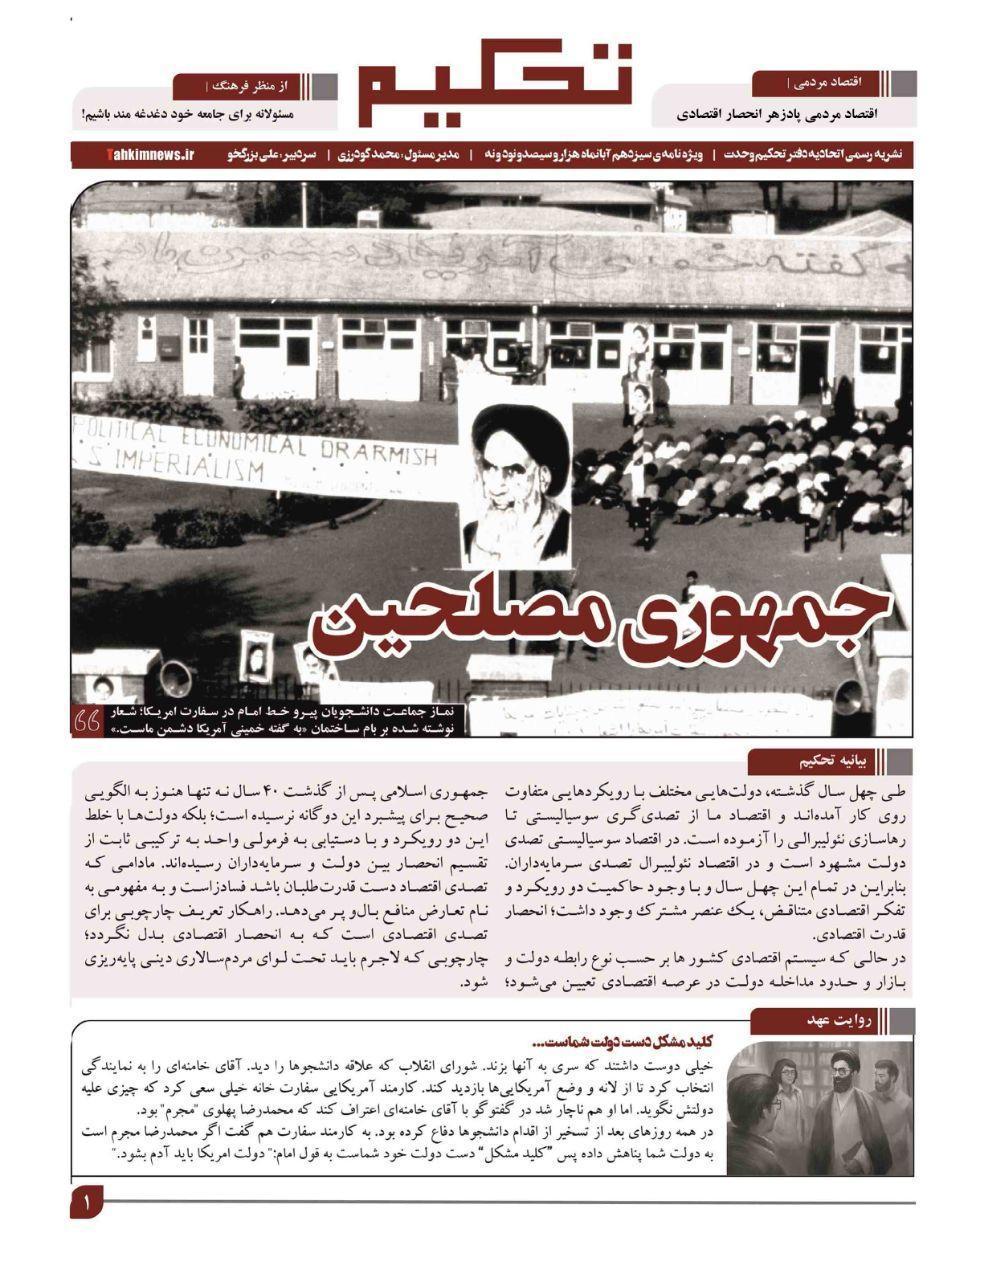 جمهوری مصلحین، ویژه نامه 13 آبان نشریه دانشجویی تحکیم منتشر شد